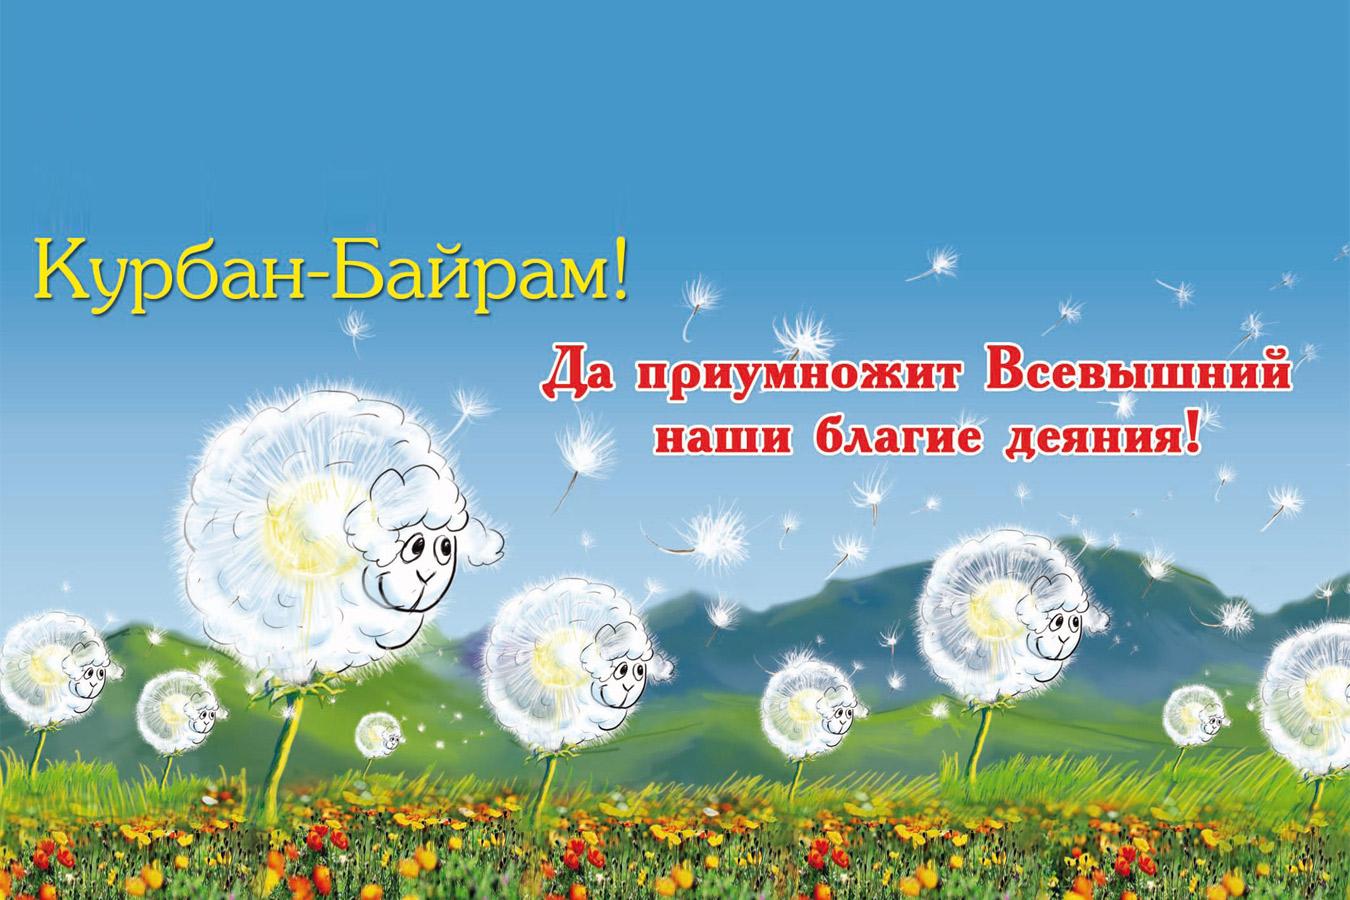 Поздравления на праздник «Курбан Байрам» - Поздравок 94